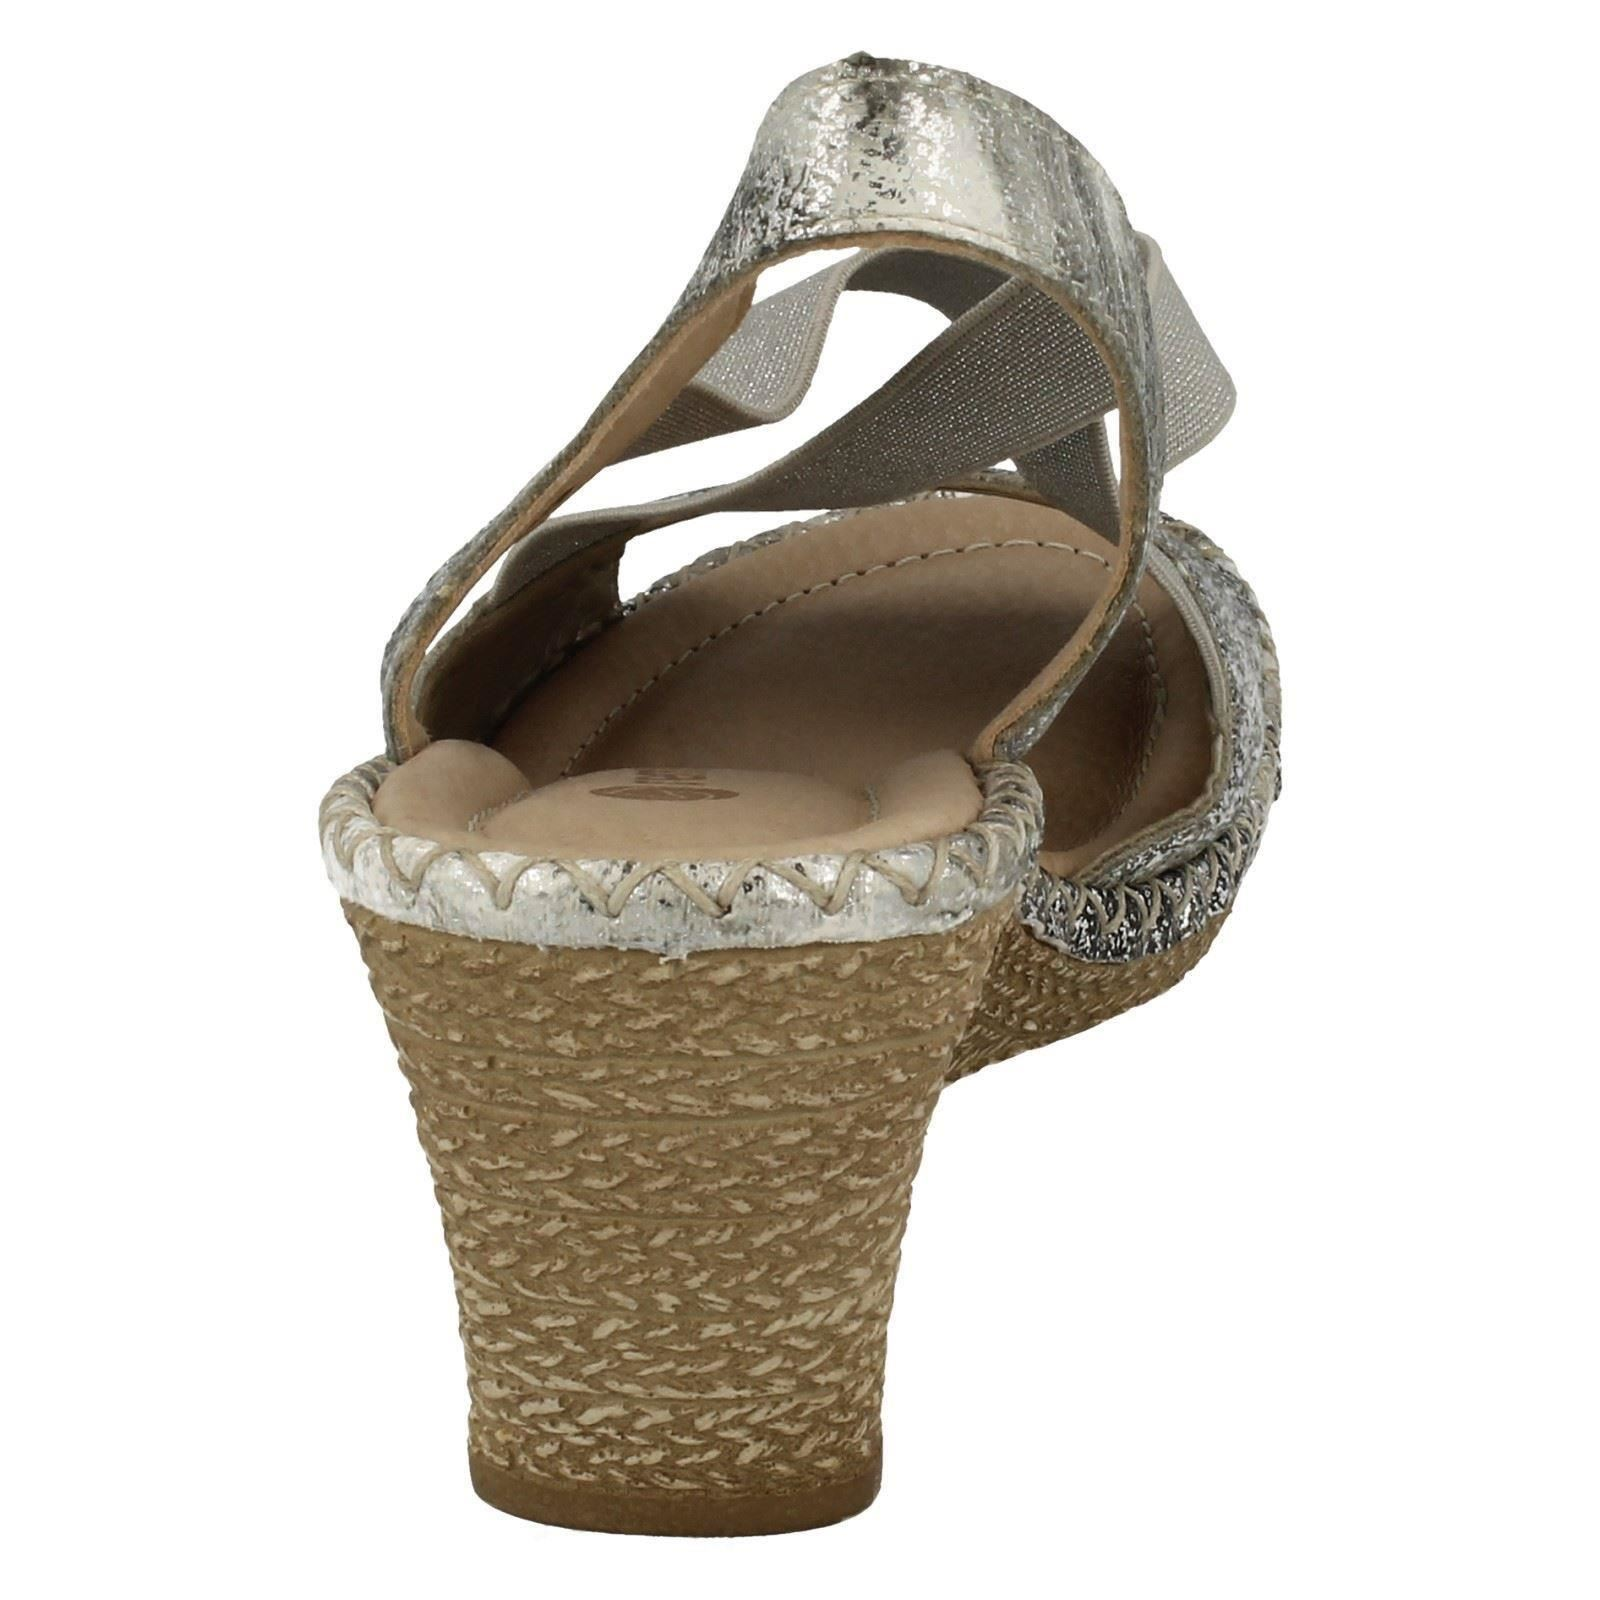 Slip con Ladies Toe On Strap Remonte estiva Open Sandali D6732 sintetica X Argento argento zeppa platino q8xwf8rAX